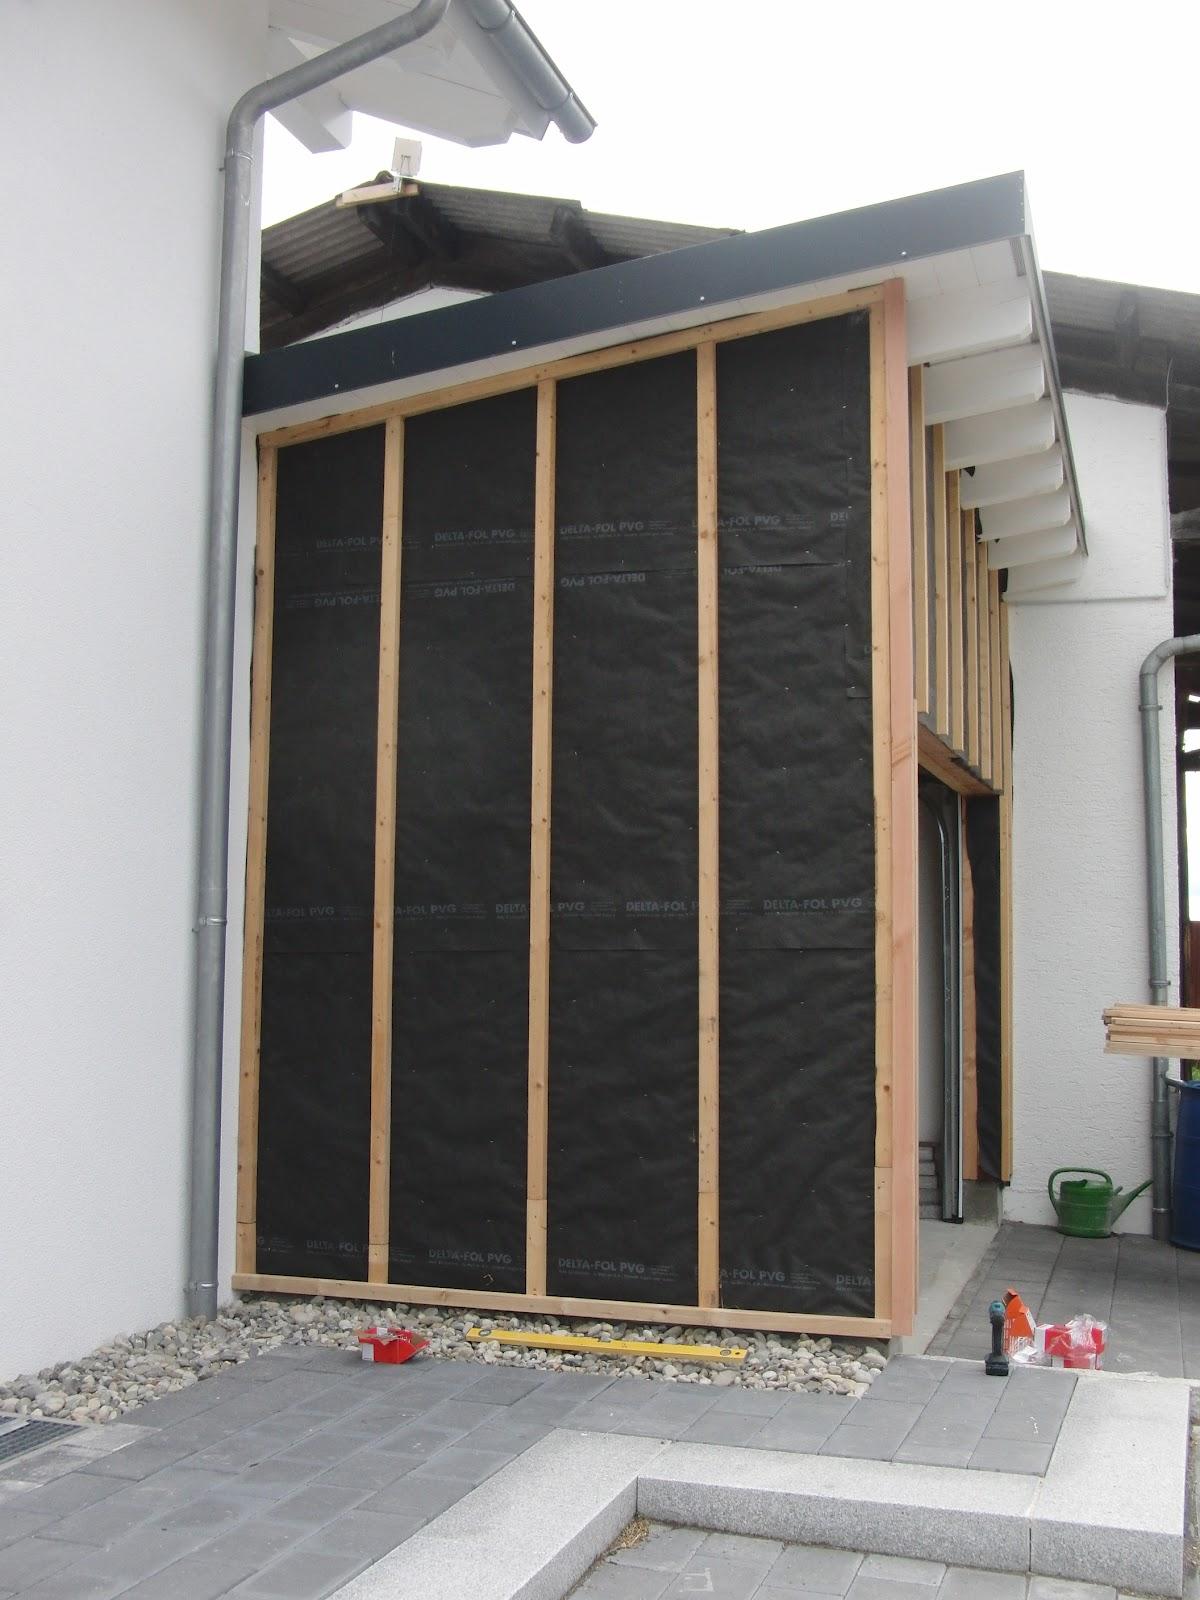 daniel susi und der hausbau die vorher nachher show an. Black Bedroom Furniture Sets. Home Design Ideas